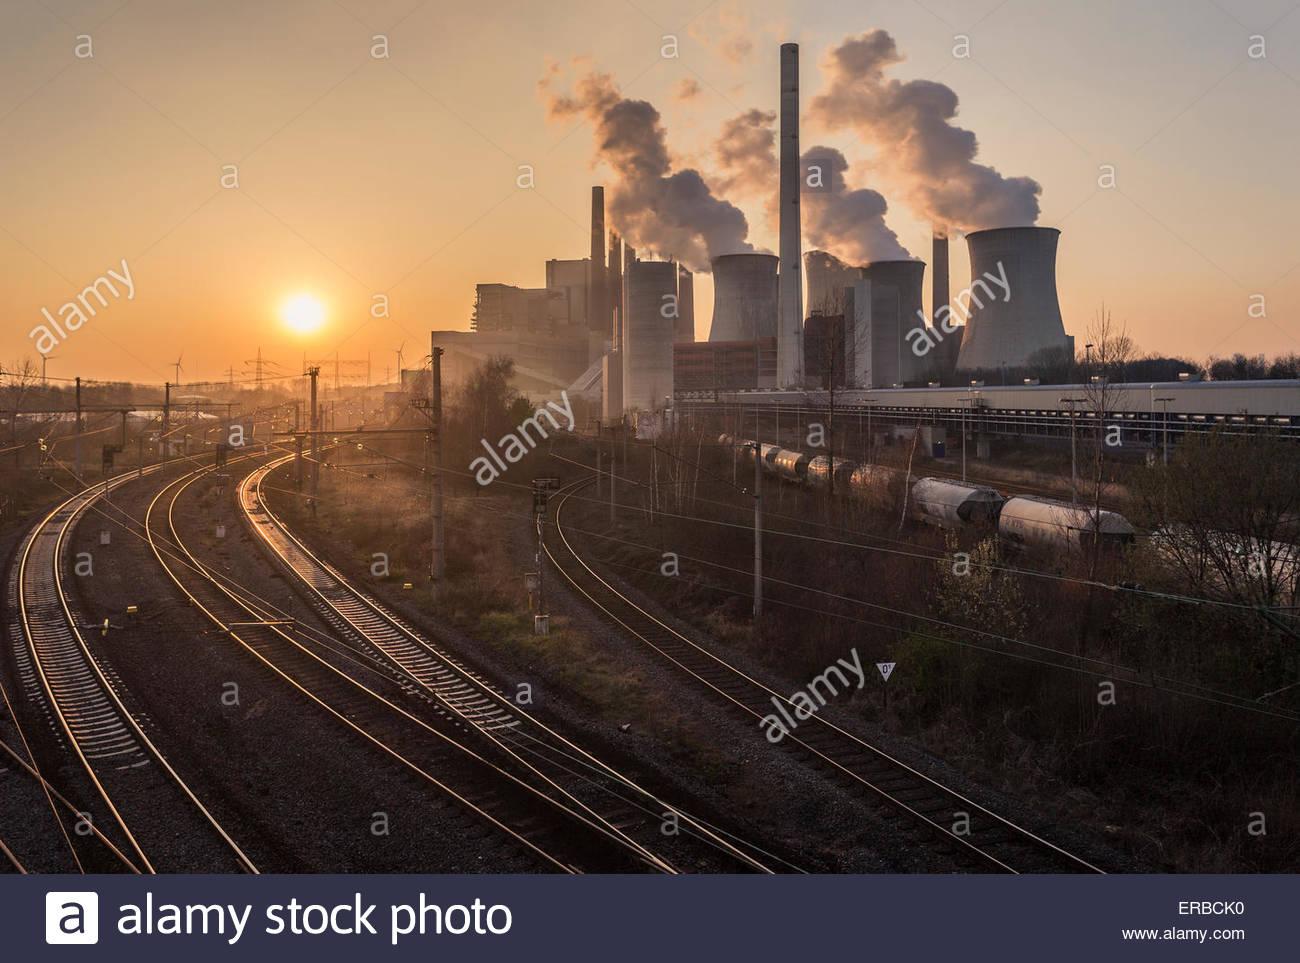 La lignite-burning power station Neurath fumo pile torri di raffreddamento economia energetica consumo inquinamento Immagini Stock